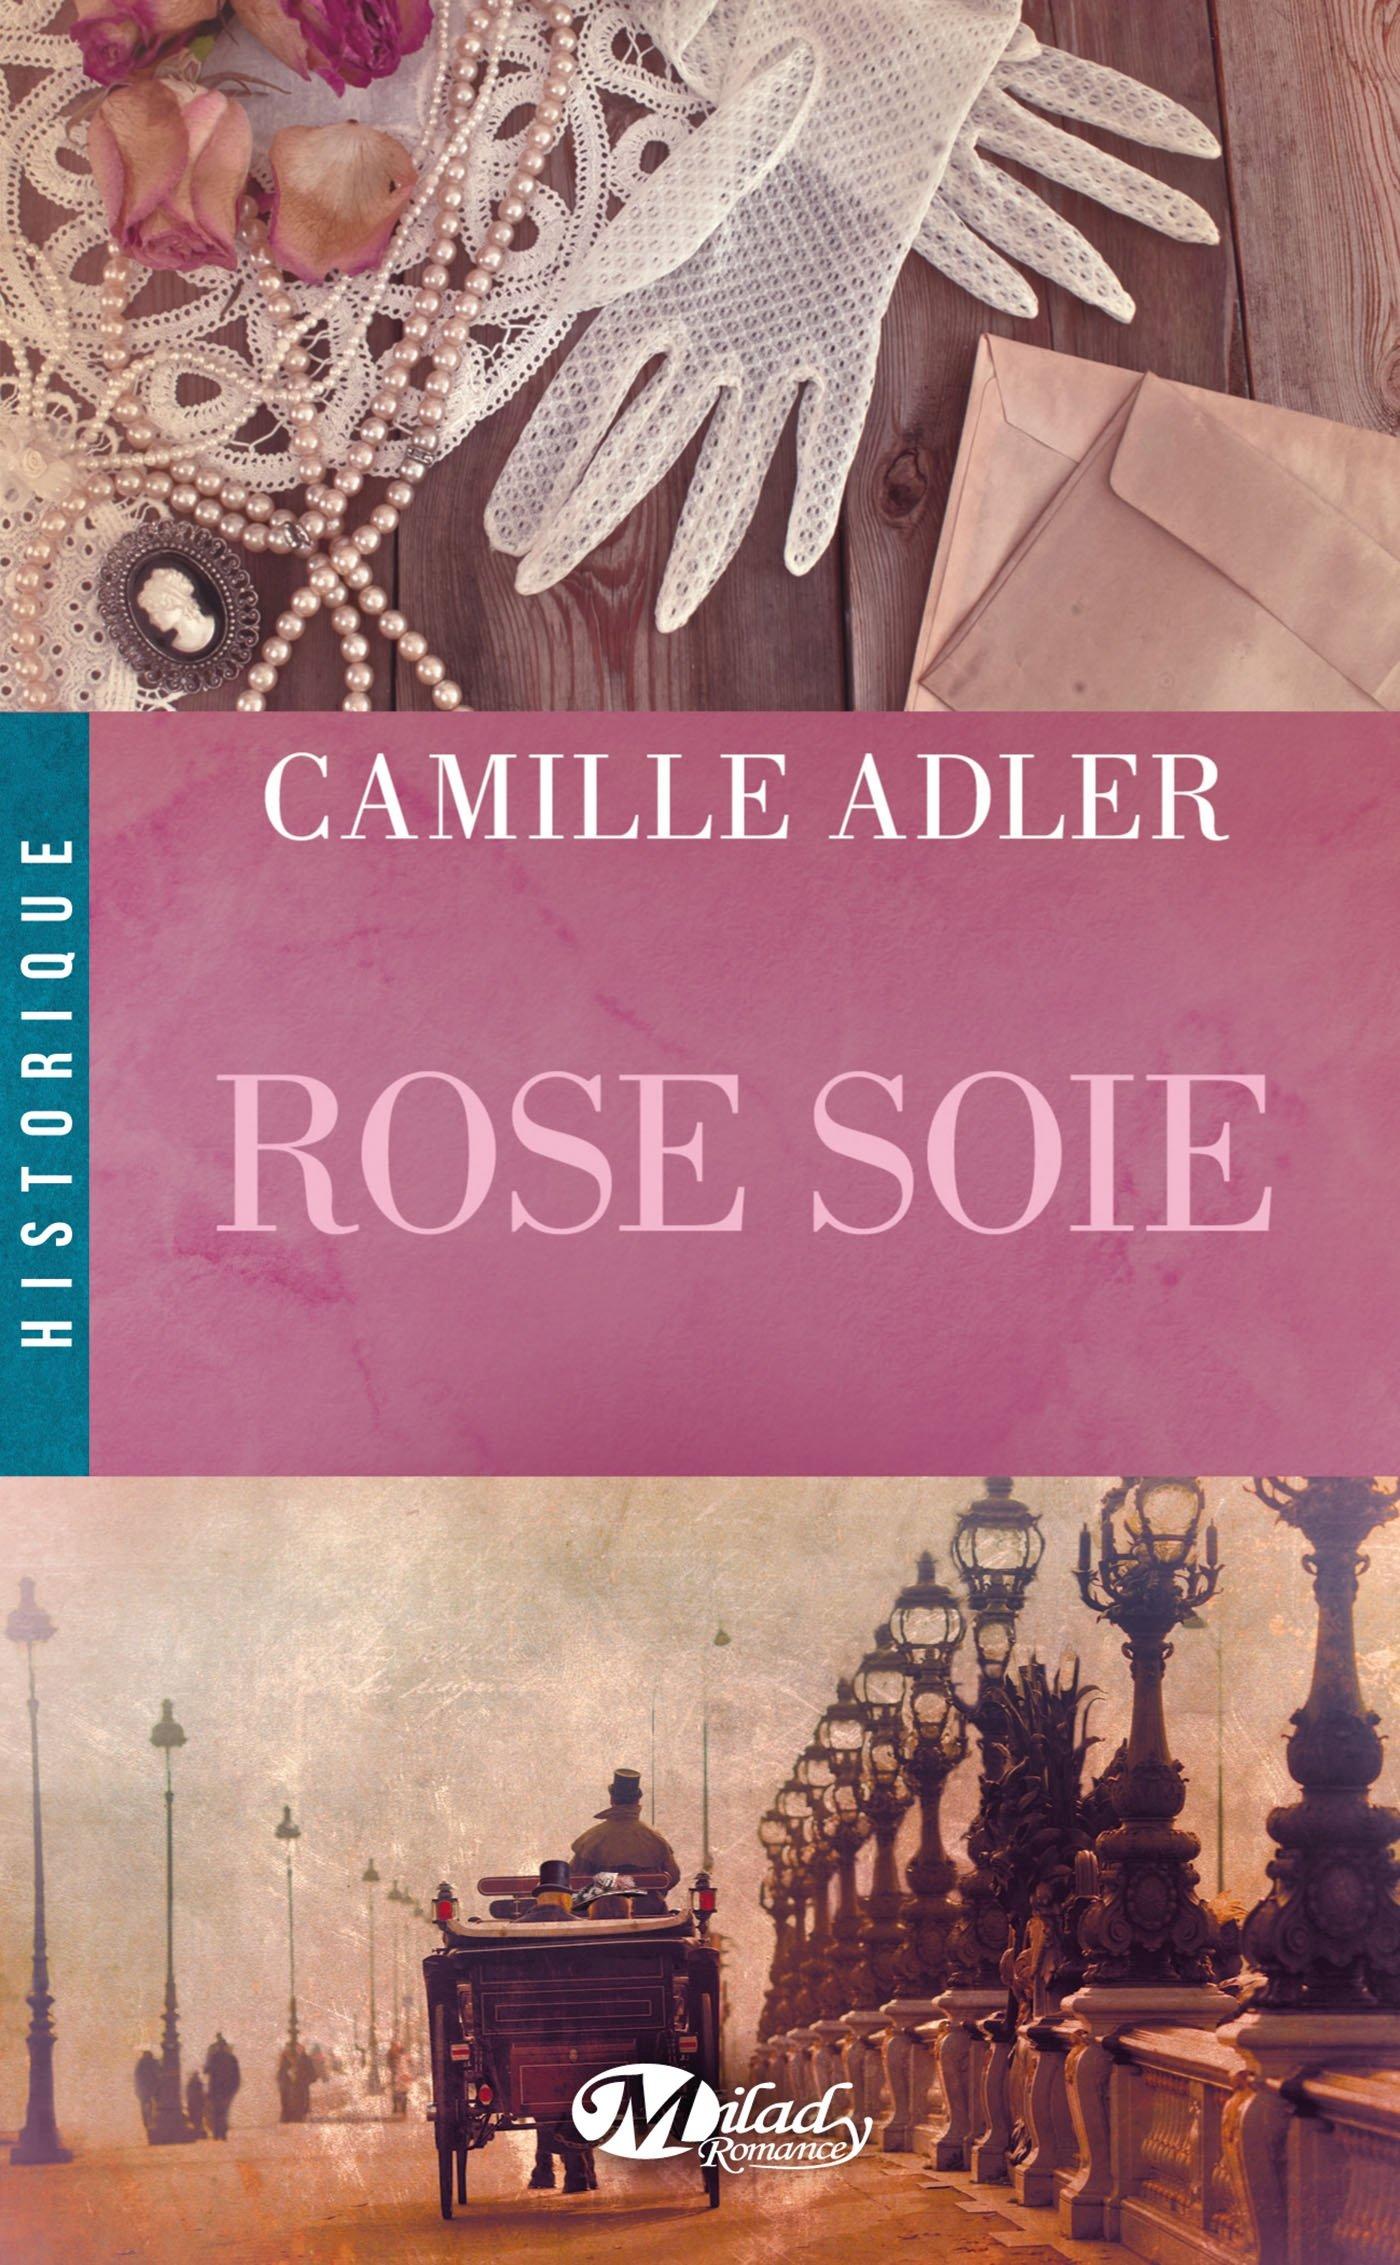 """Résultat de recherche d'images pour """"rose soie camille adler"""""""